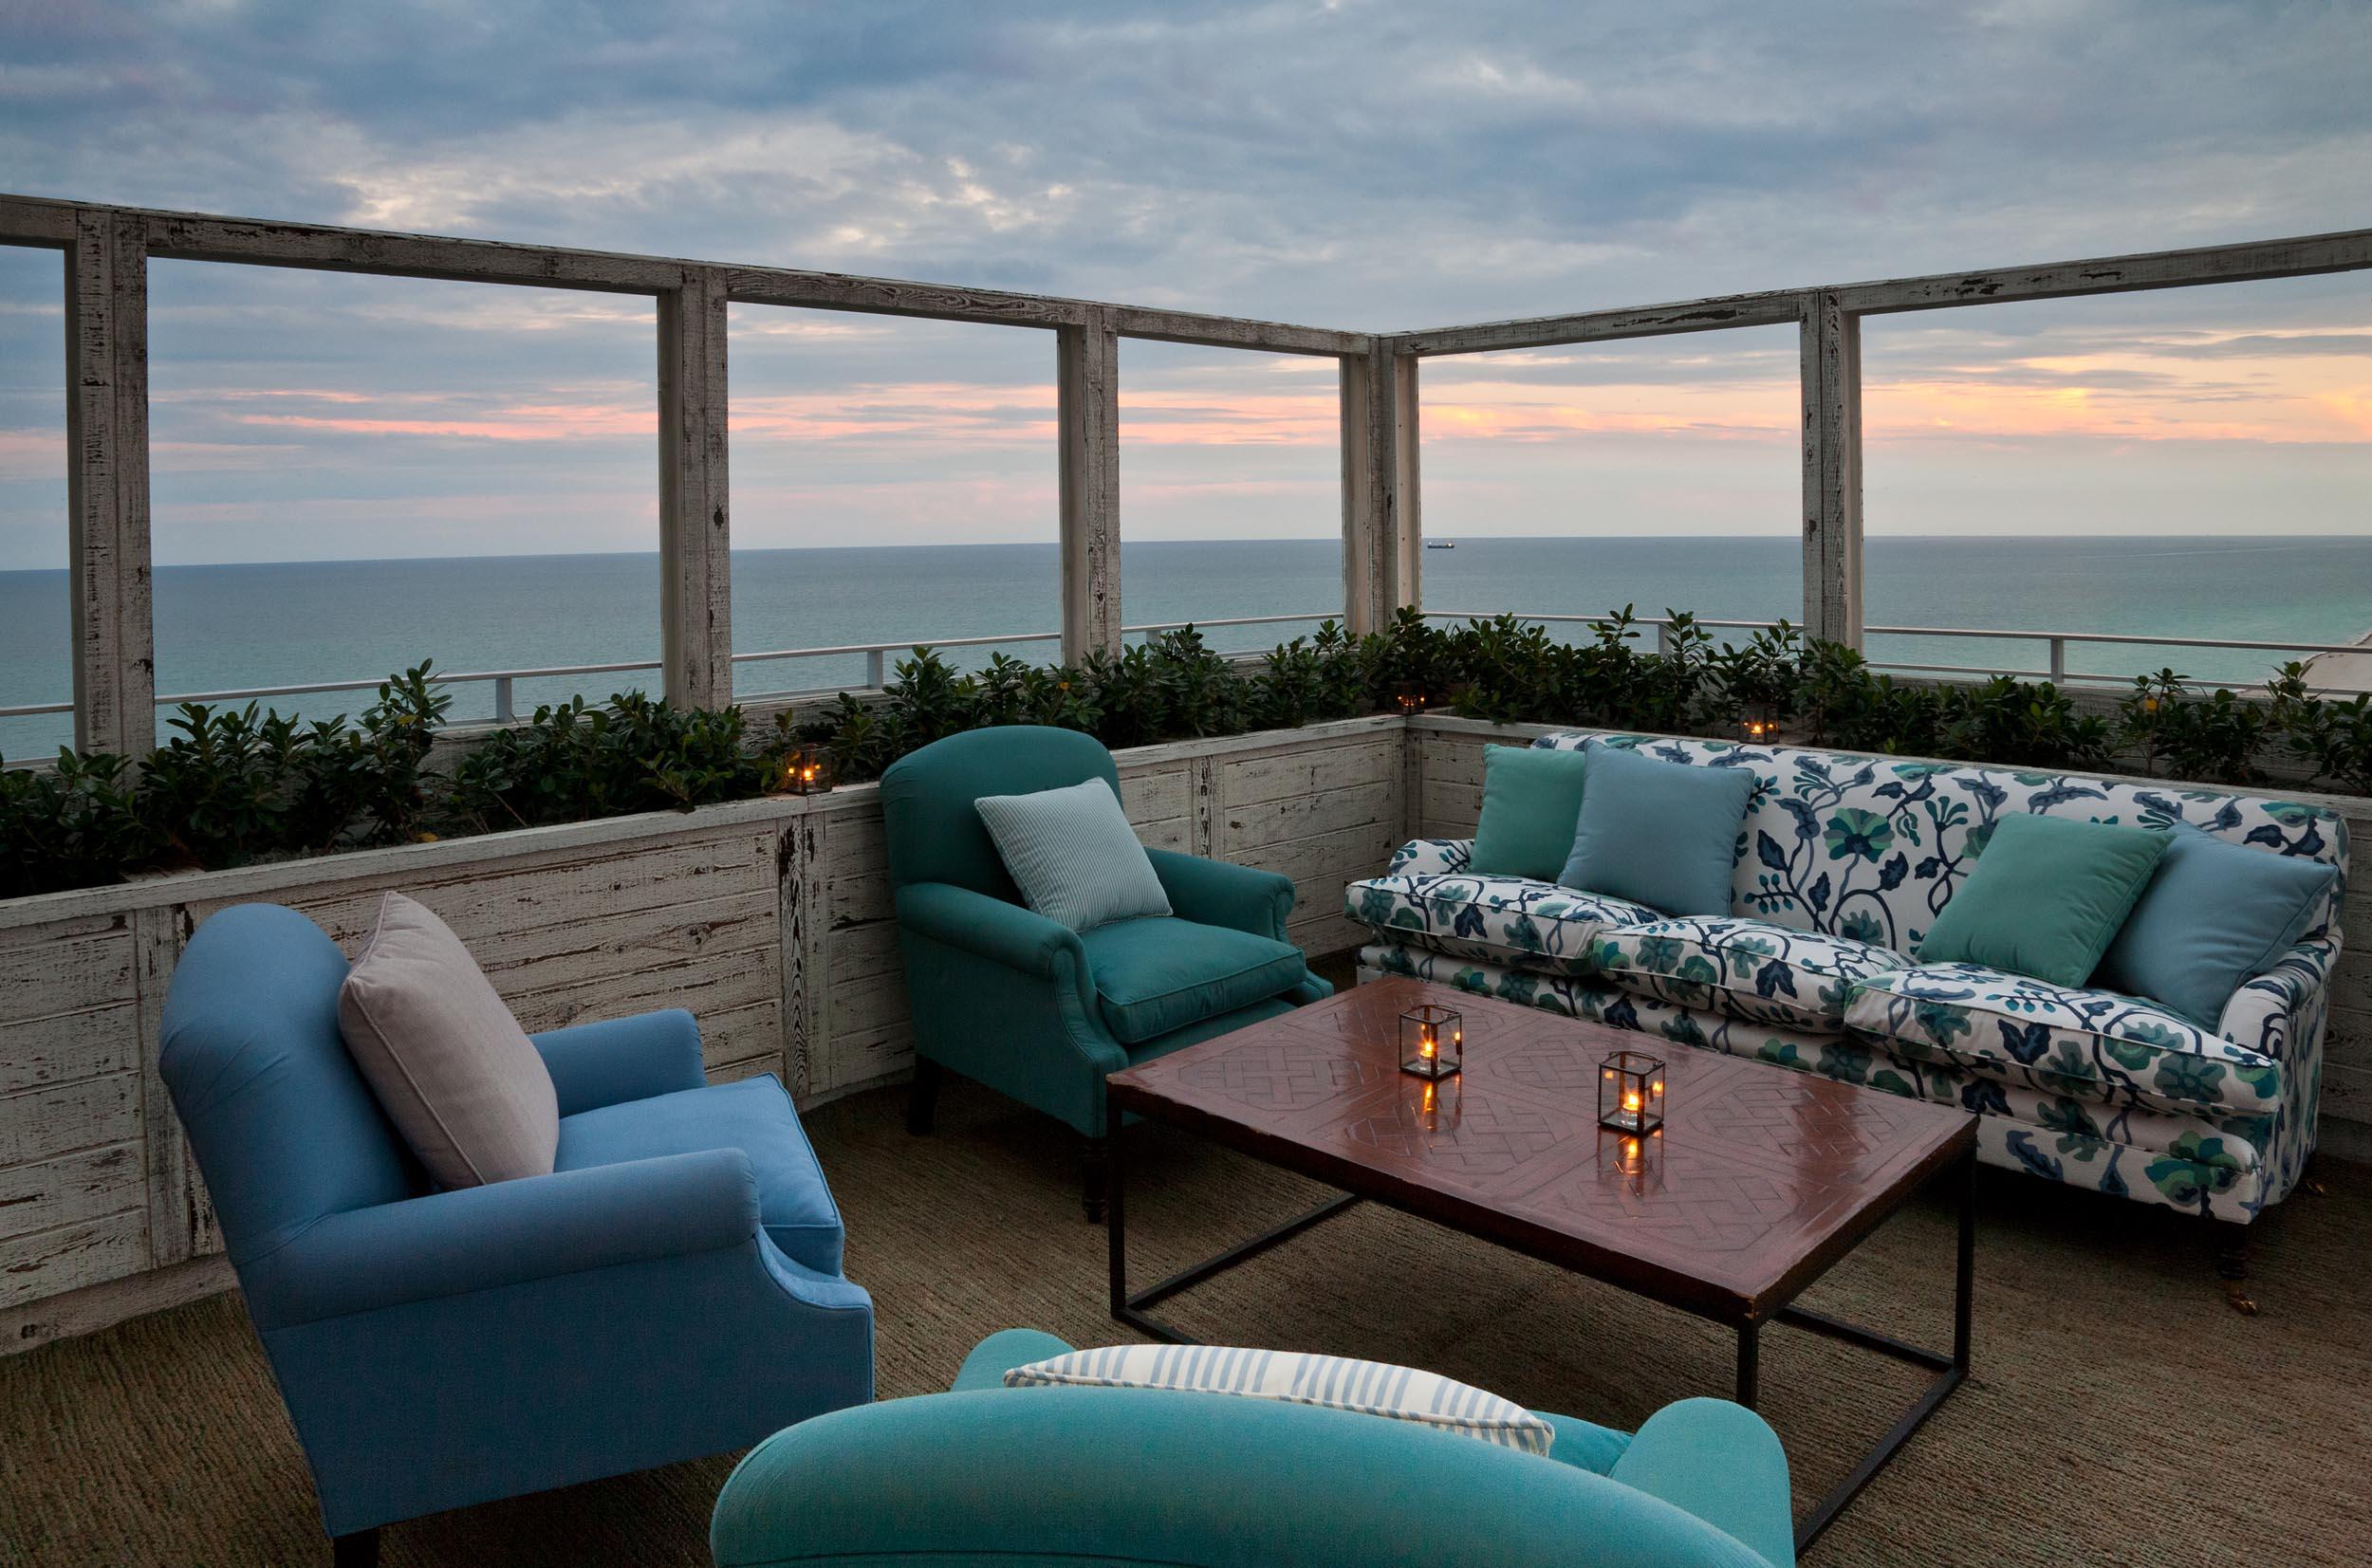 Soho Beach House Penthouse view in Miami Florida